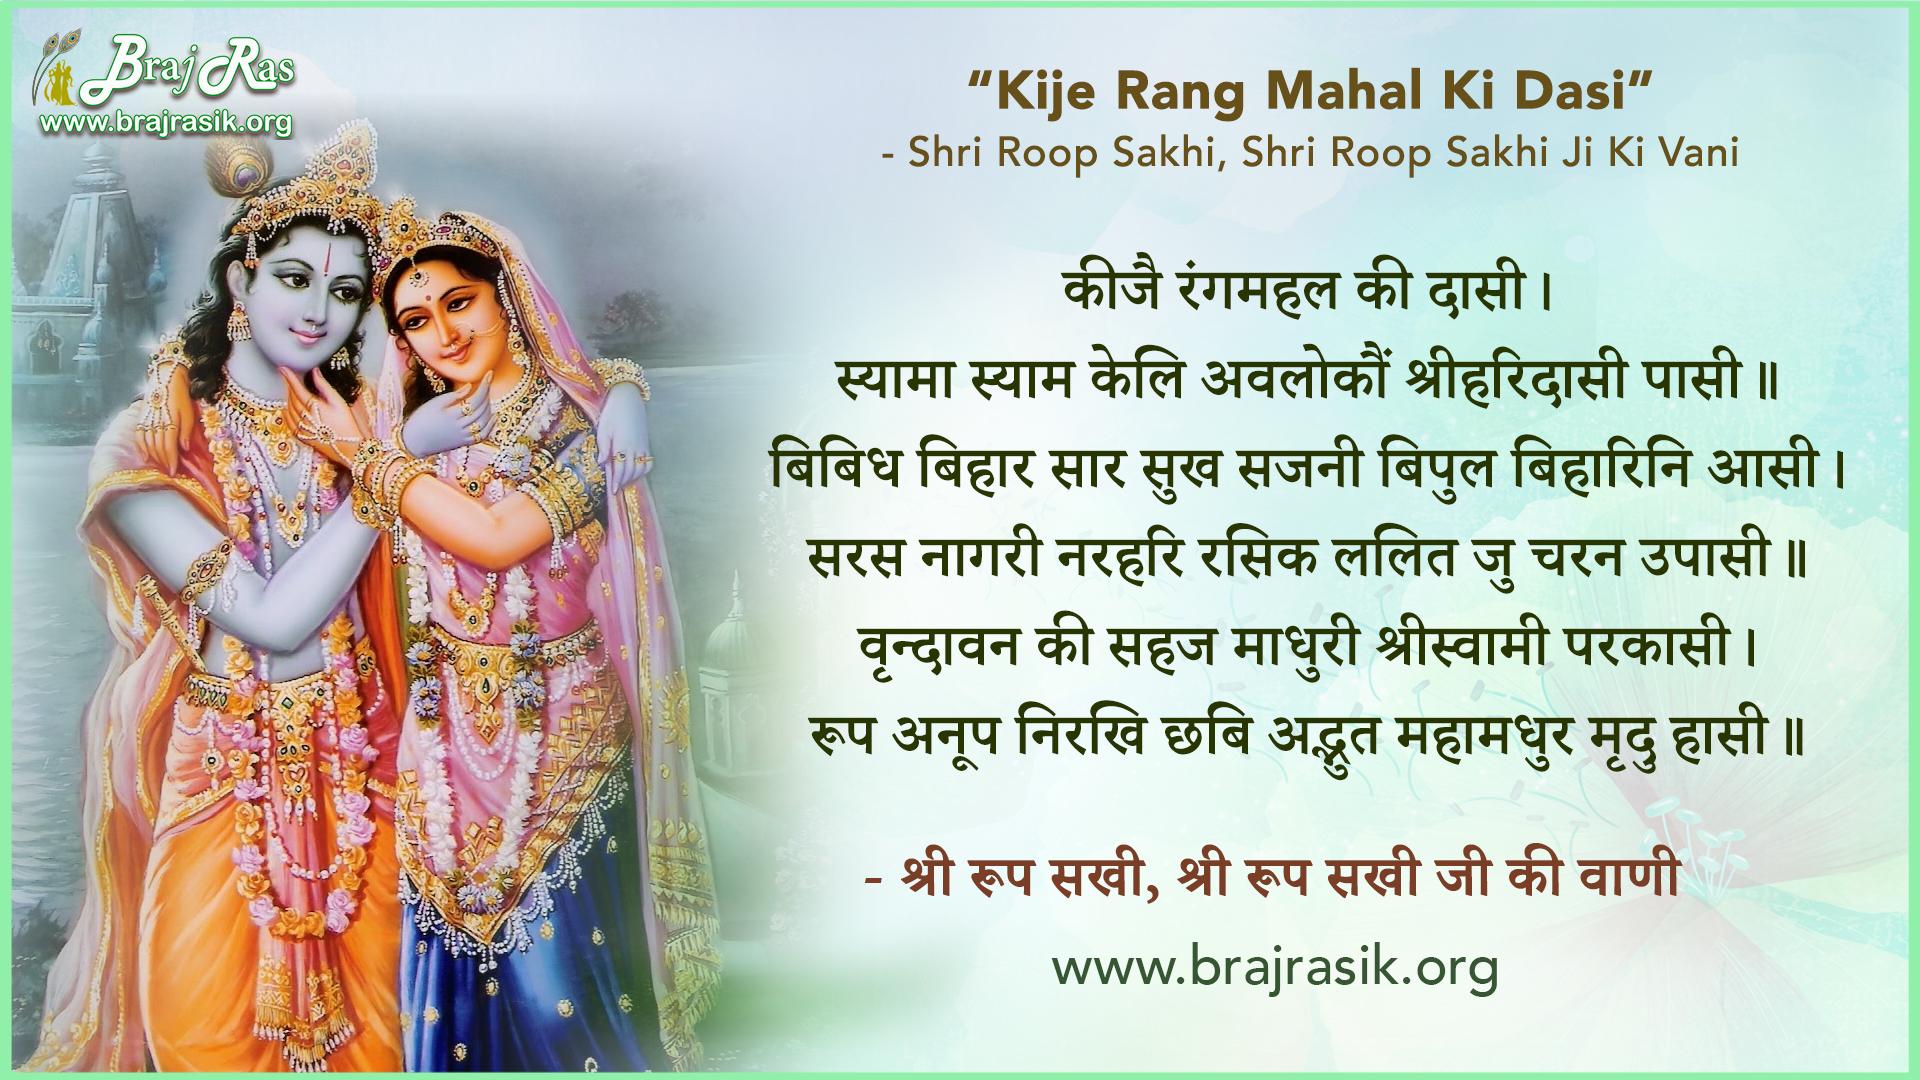 Kijai Rang Mahal Ki Dasi - Shri Roop Sakhi, Roop Sakhi Ji Ki Vani